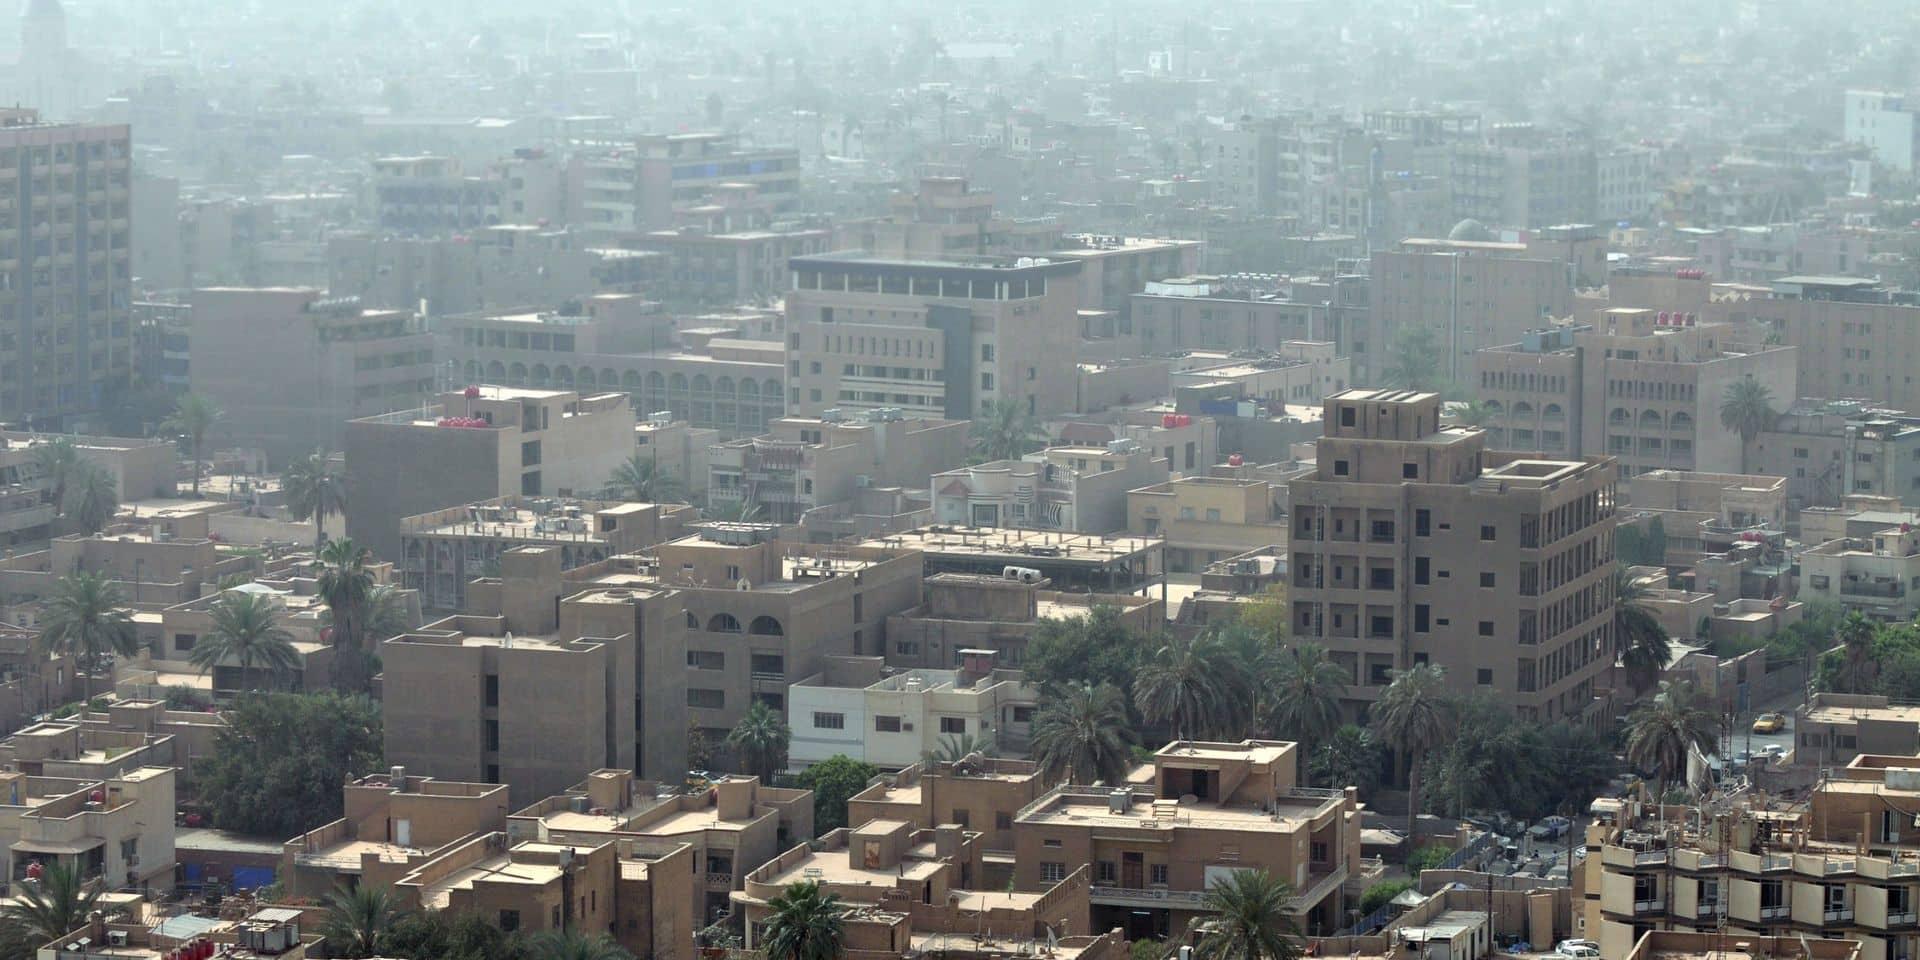 32 morts et 110 blessés dans un double attentat suicide à Bagdad